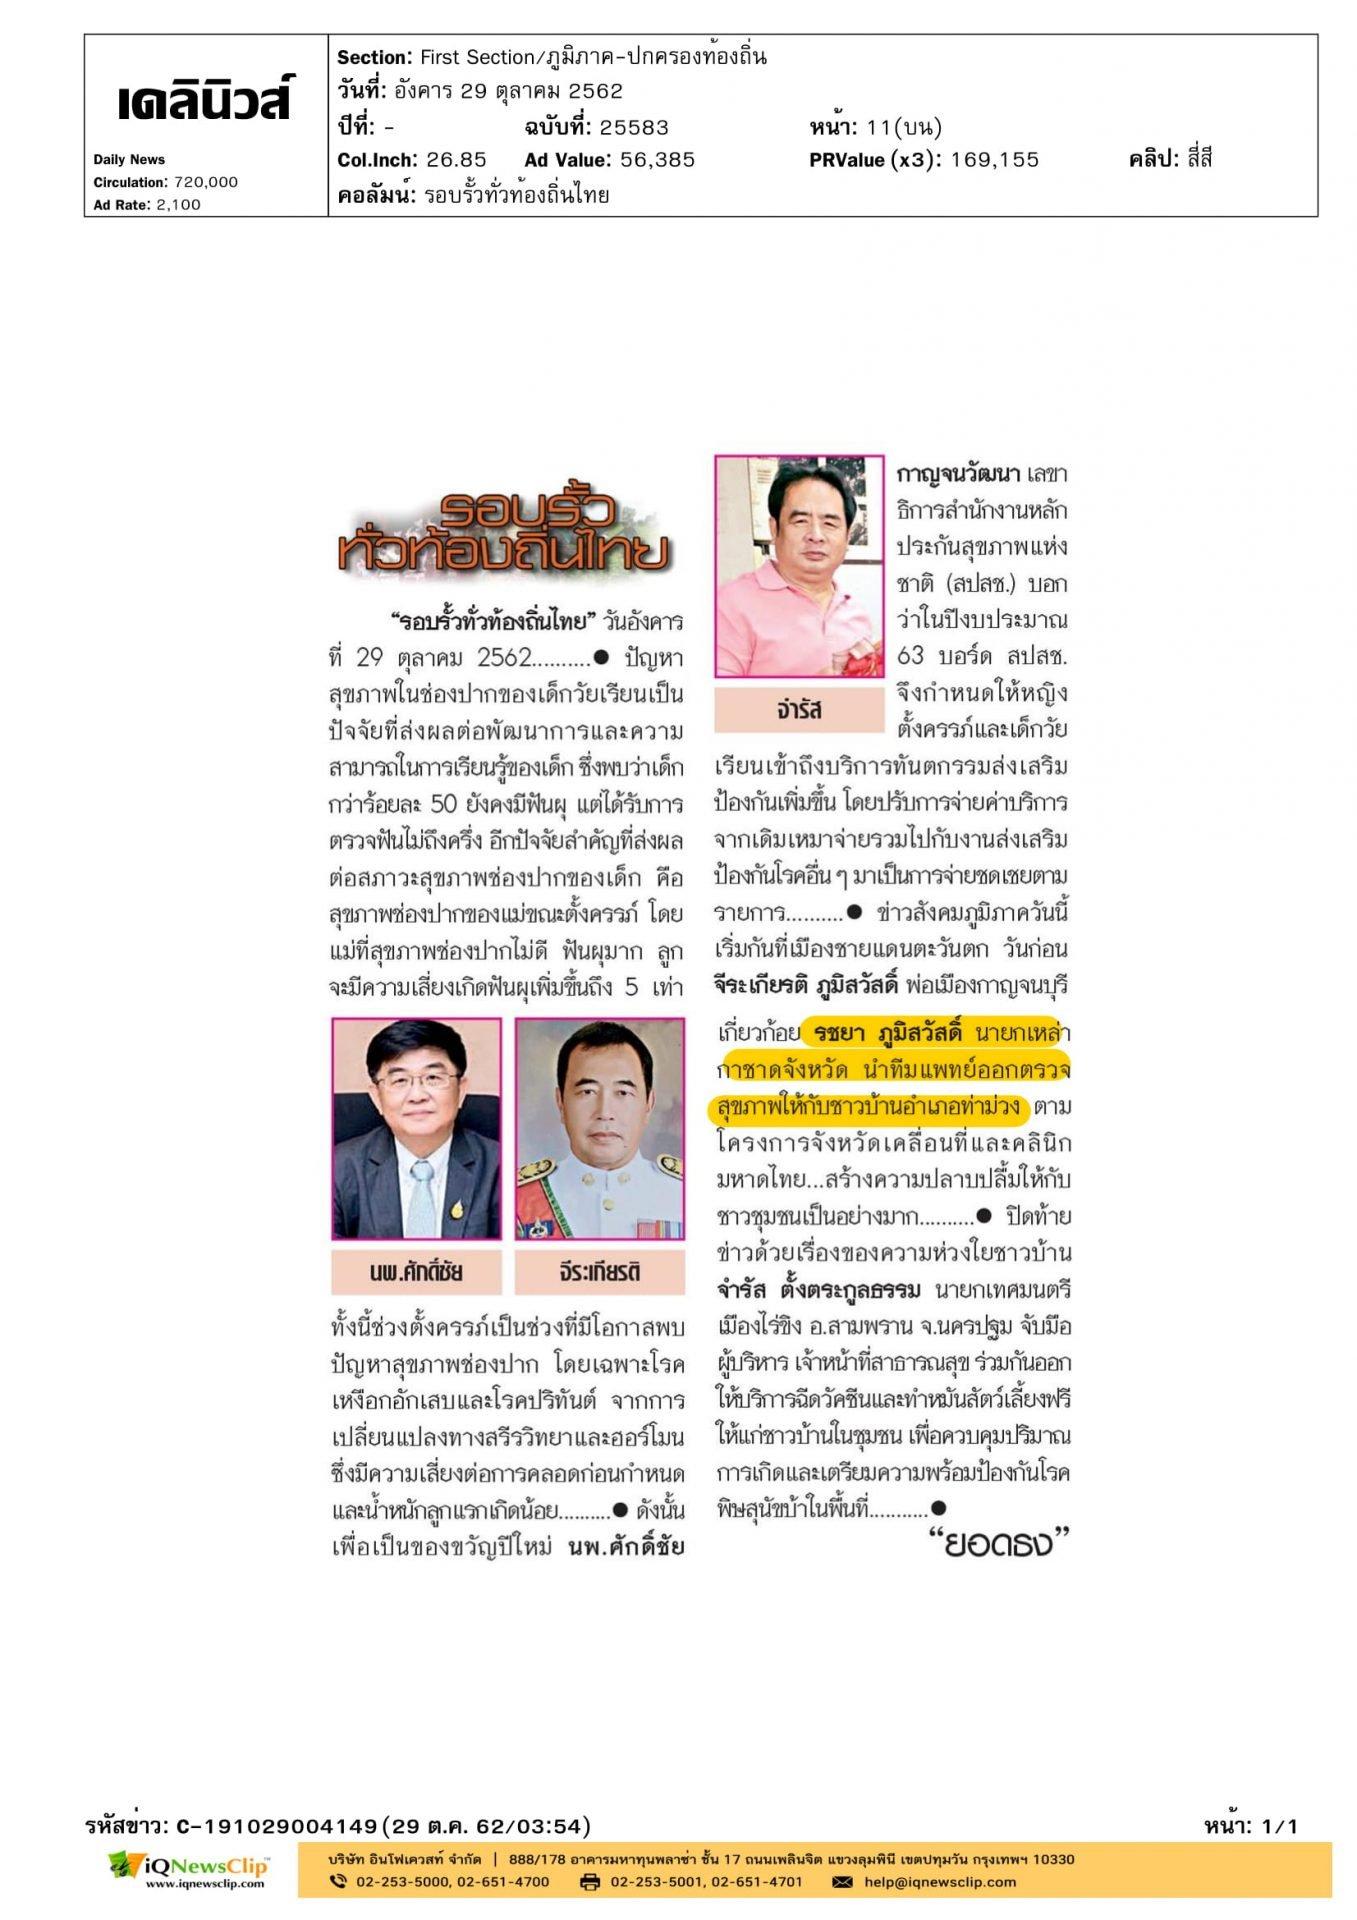 นายกเหล่ากาชาด จ.กาญจนบุรี นำหน่วยแพทย์ออกตรวจสุขภาพให้กับชาวบ้าน